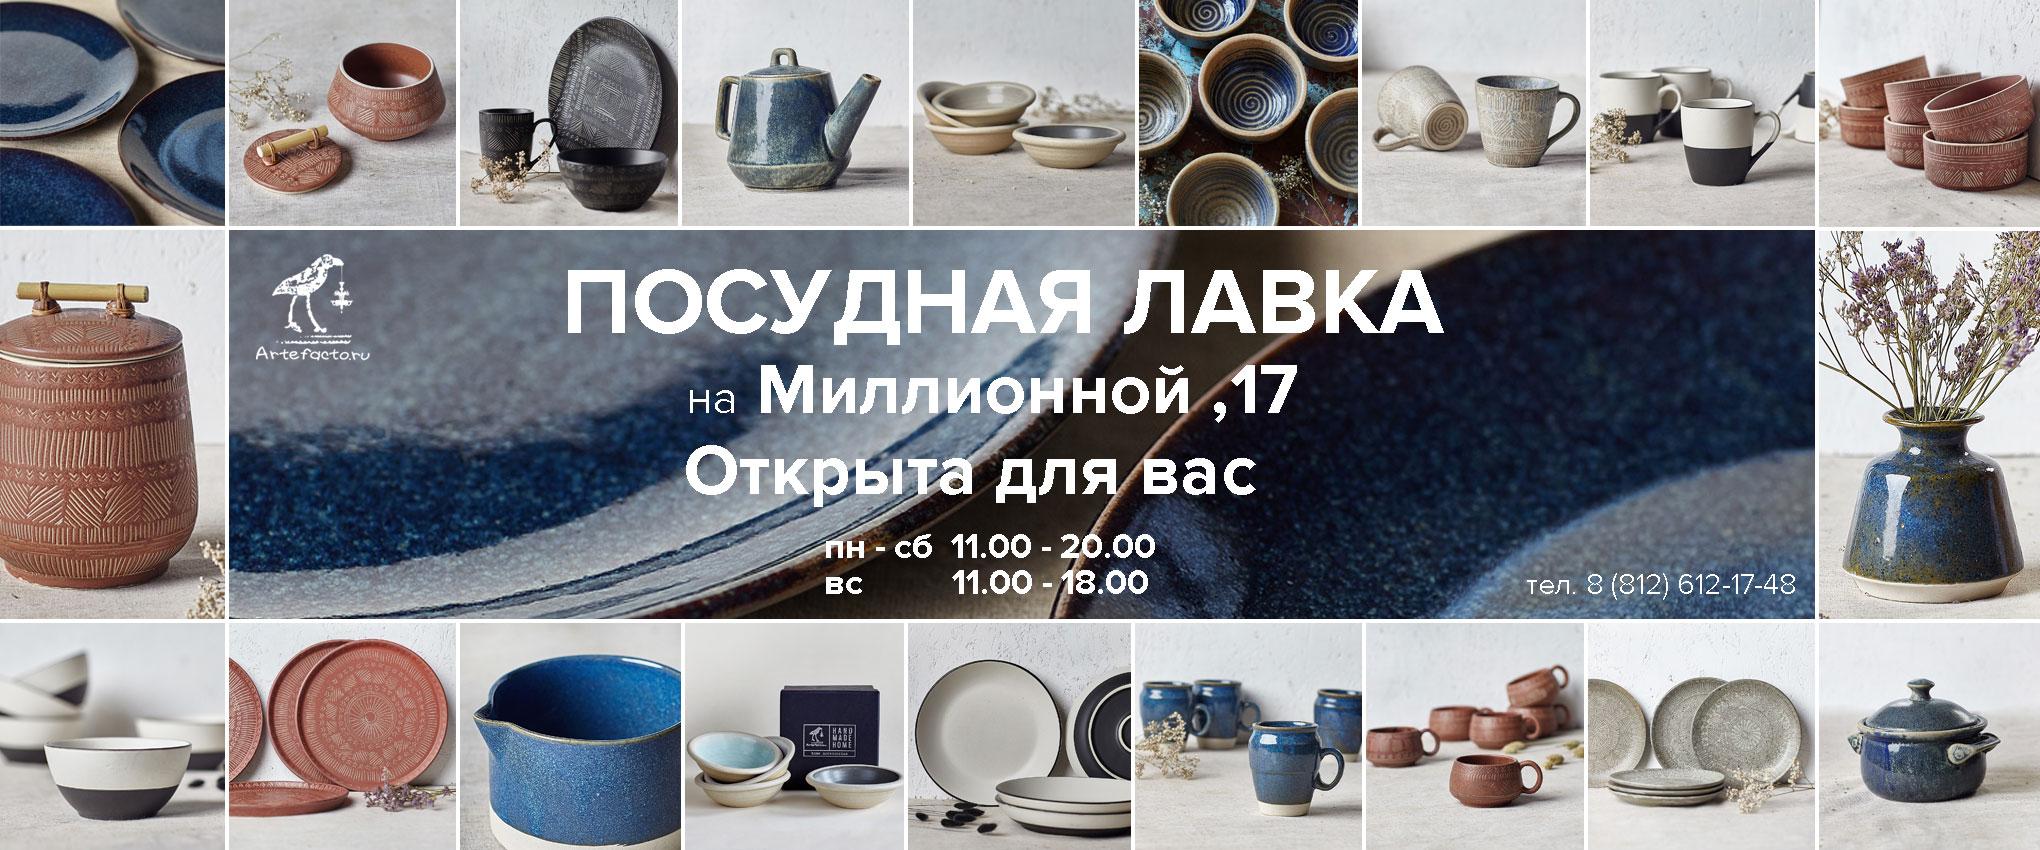 eec67c2417f00 Интернет-магазин дизайнерской мебели из Индии в Москве и Санкт-Петербурге. Купить  недорого мебель из дерева в квартиру и на дачу